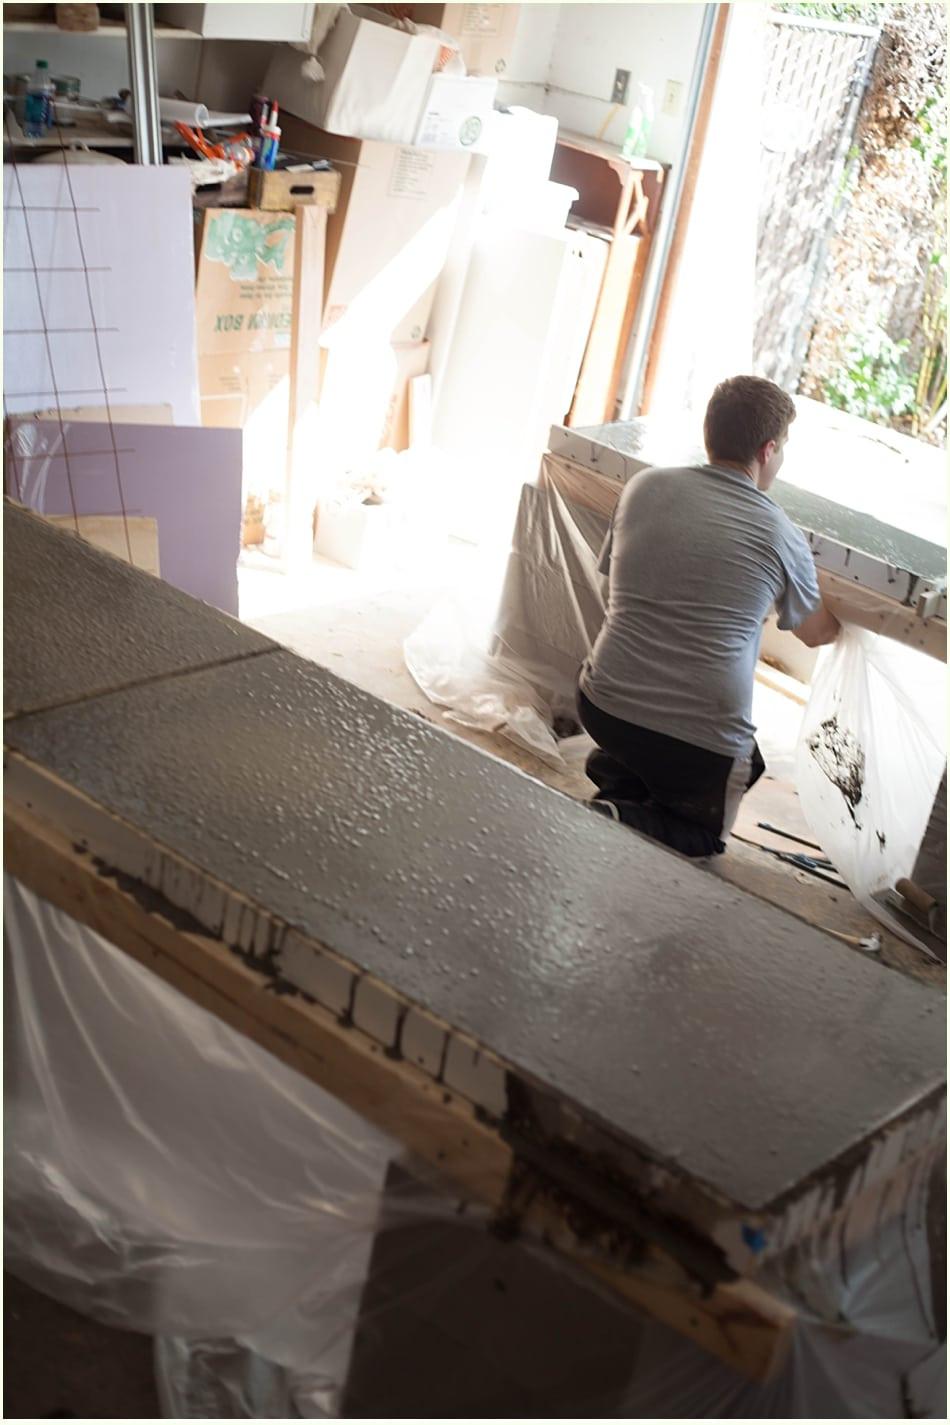 Best ideas about DIY Concrete Kitchen Countertop . Save or Pin DIY Concrete Countertops & a kitchen update Run To Radiance Now.